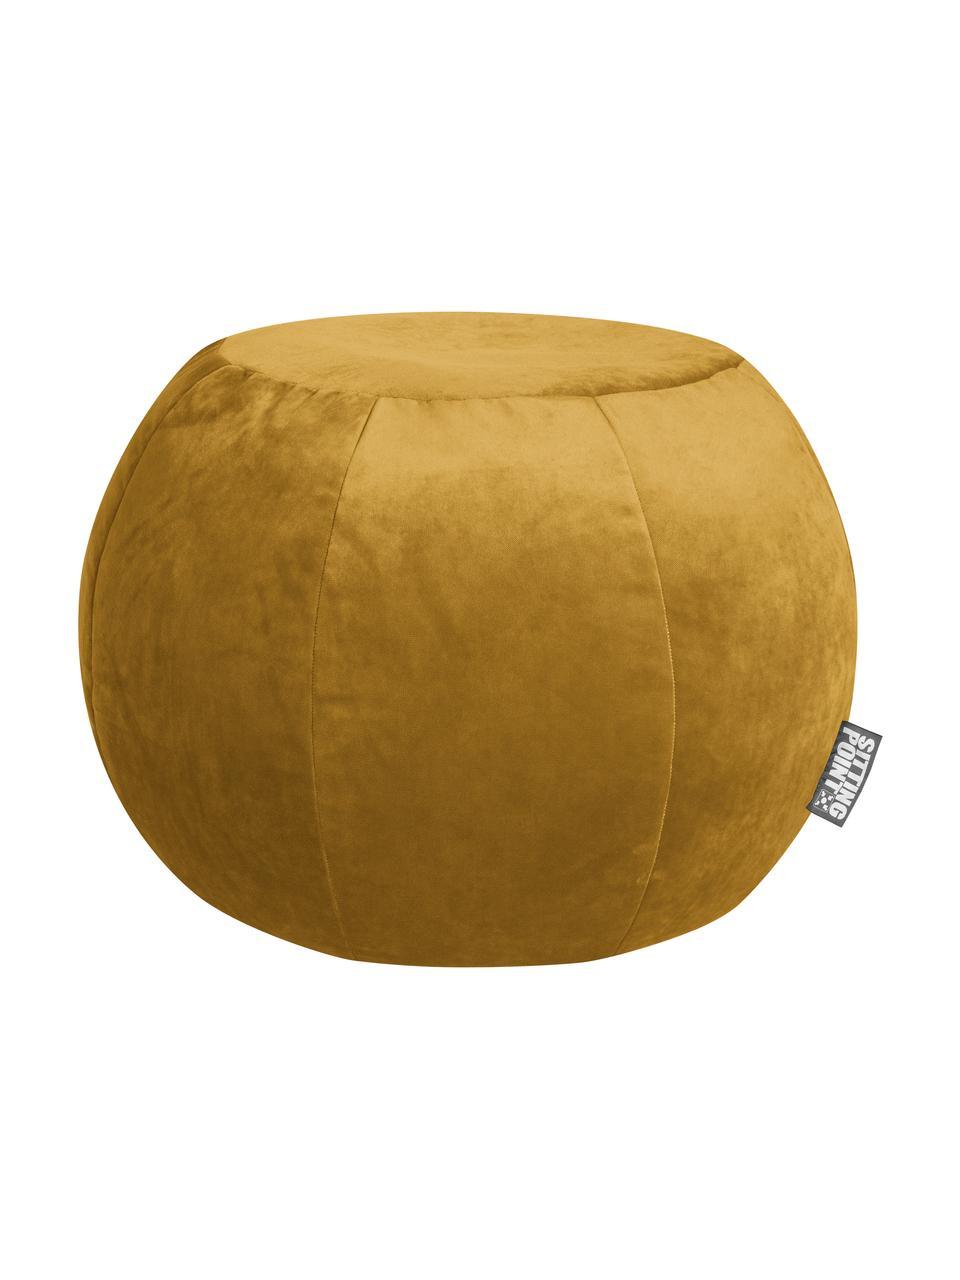 Pouf in velluto Plump Veluto, Rivestimento: velluto di poliestere, Giallo senape, Ø 75 x Alt. 50 cm